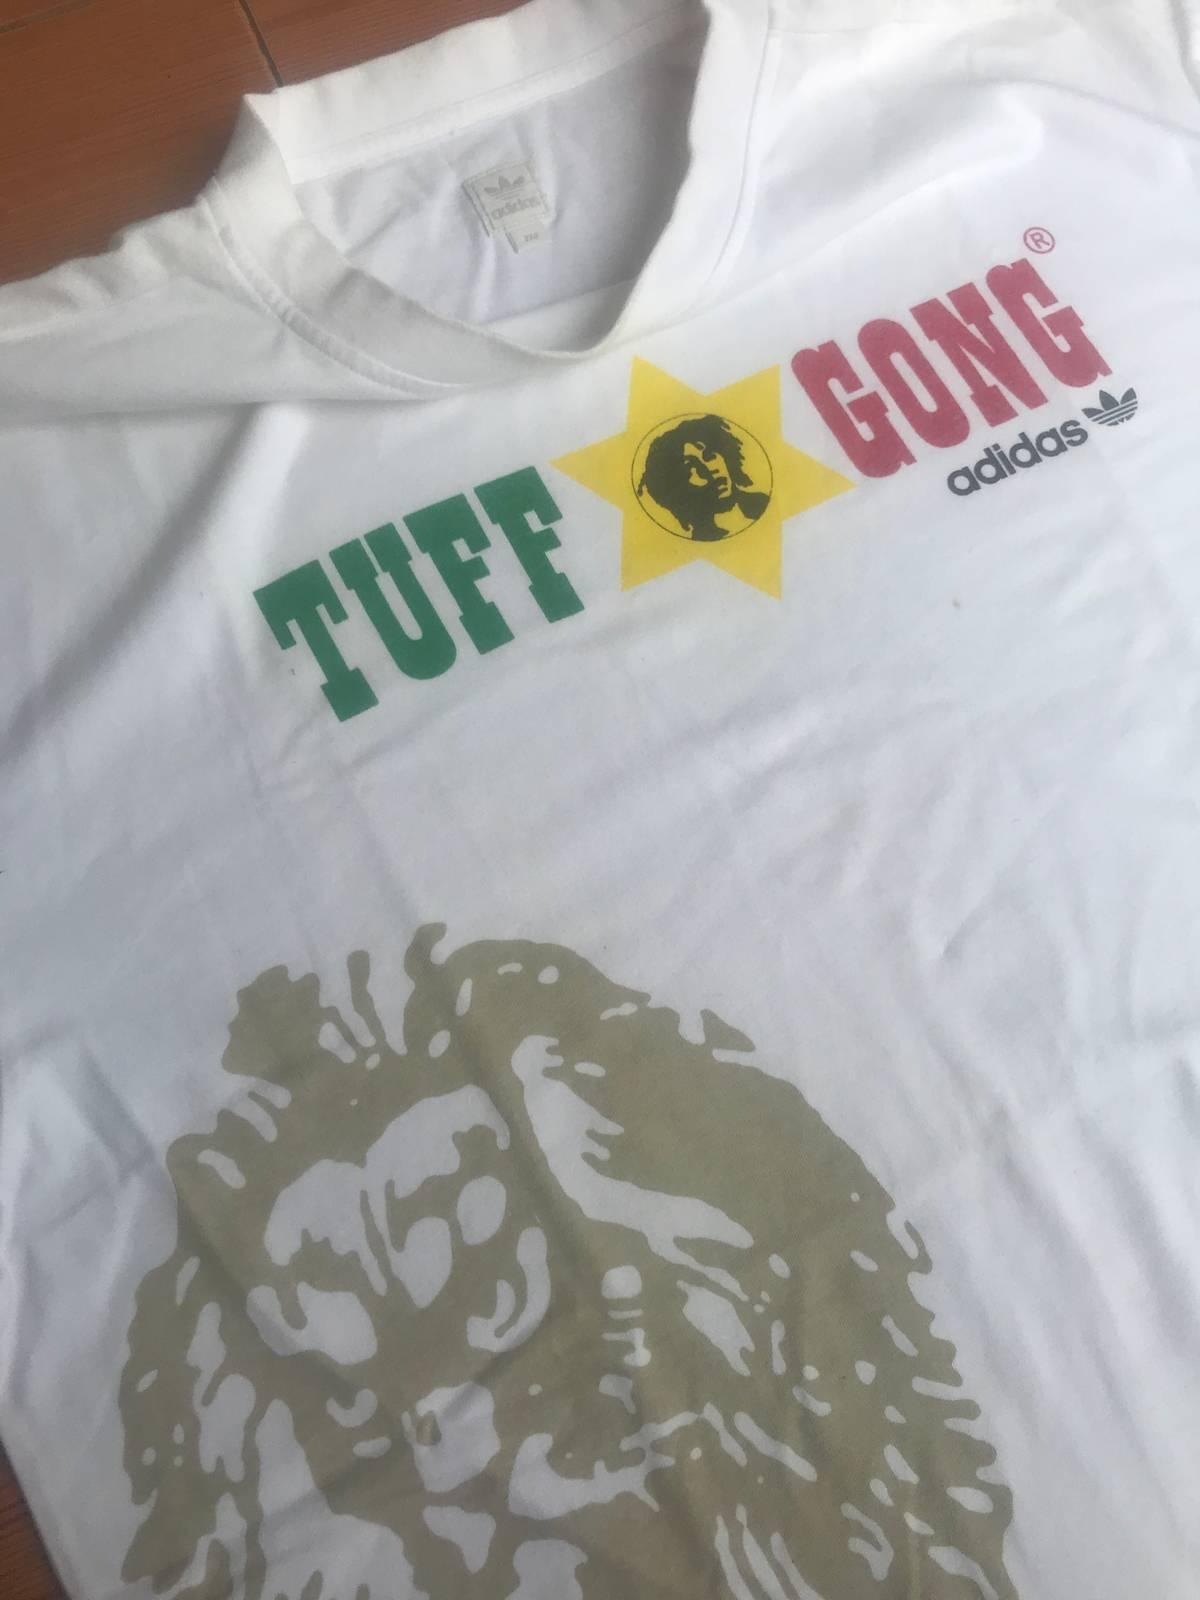 Enorme Contradicción maldición  Adidas Adidas X Tuff Gong Bob Marley   Grailed